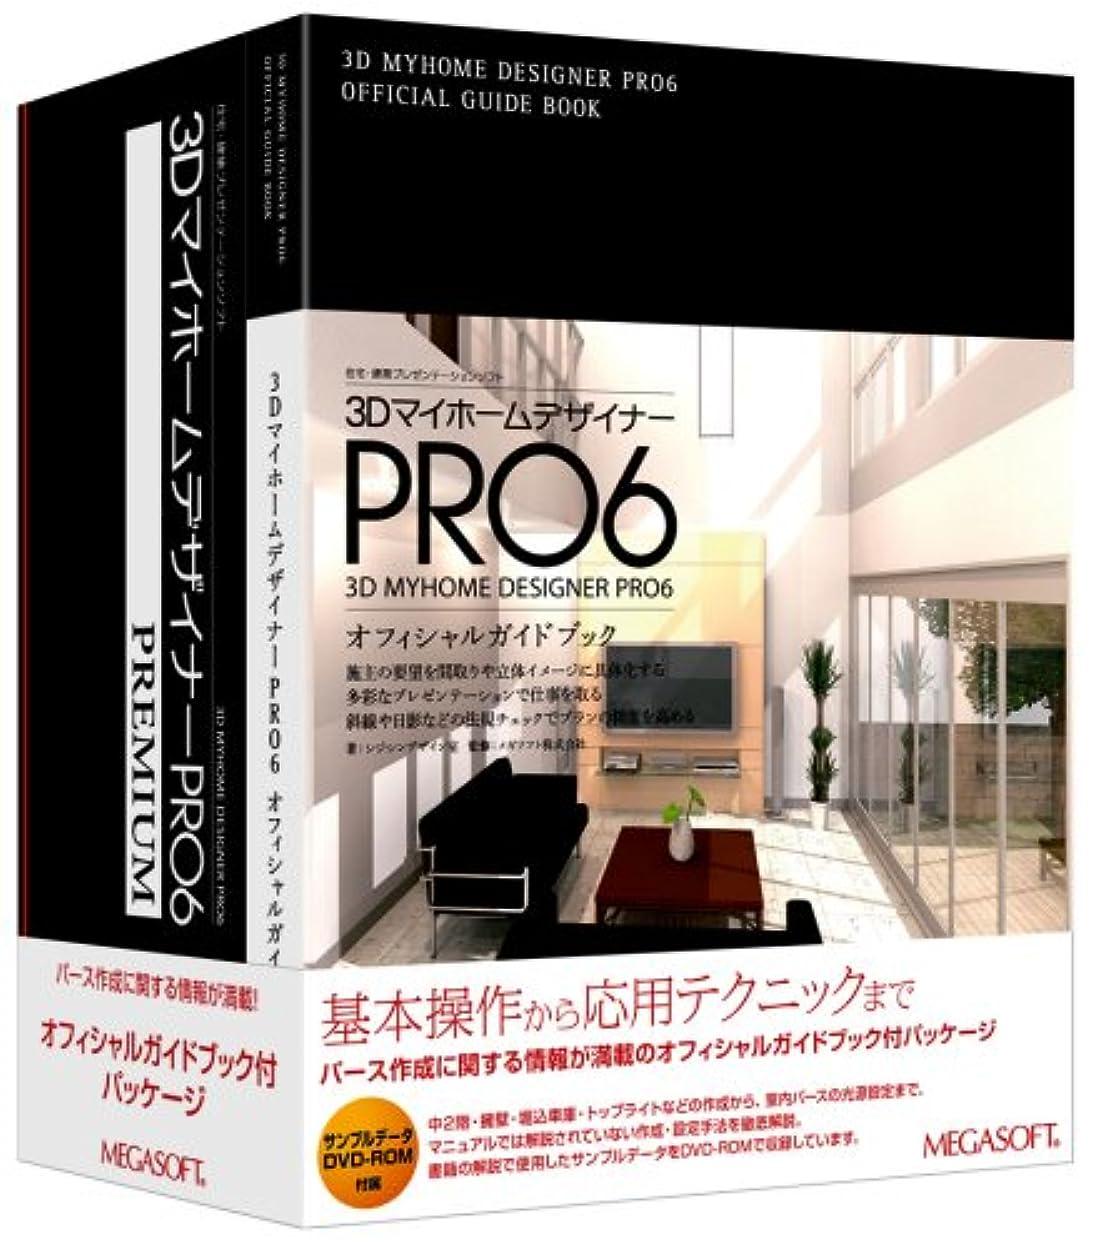 ハリケーン動揺させるとは異なり3DマイホームデザイナーPRO6 PREMIUM オフィシャルガイドブック付